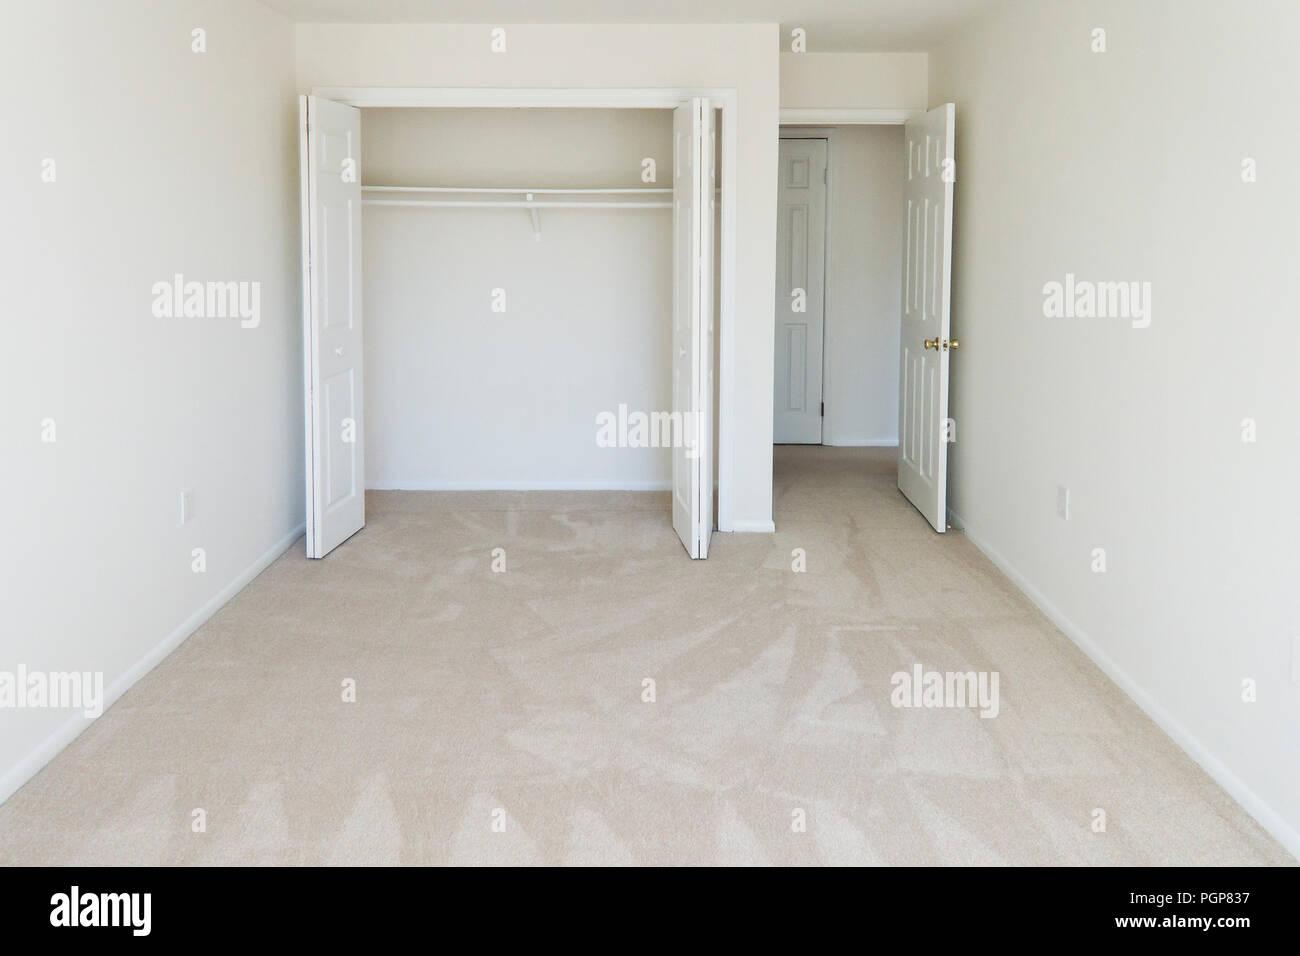 Kleine Leere Teppichboden Schlafzimmer In Einer Wohneinheit Usa